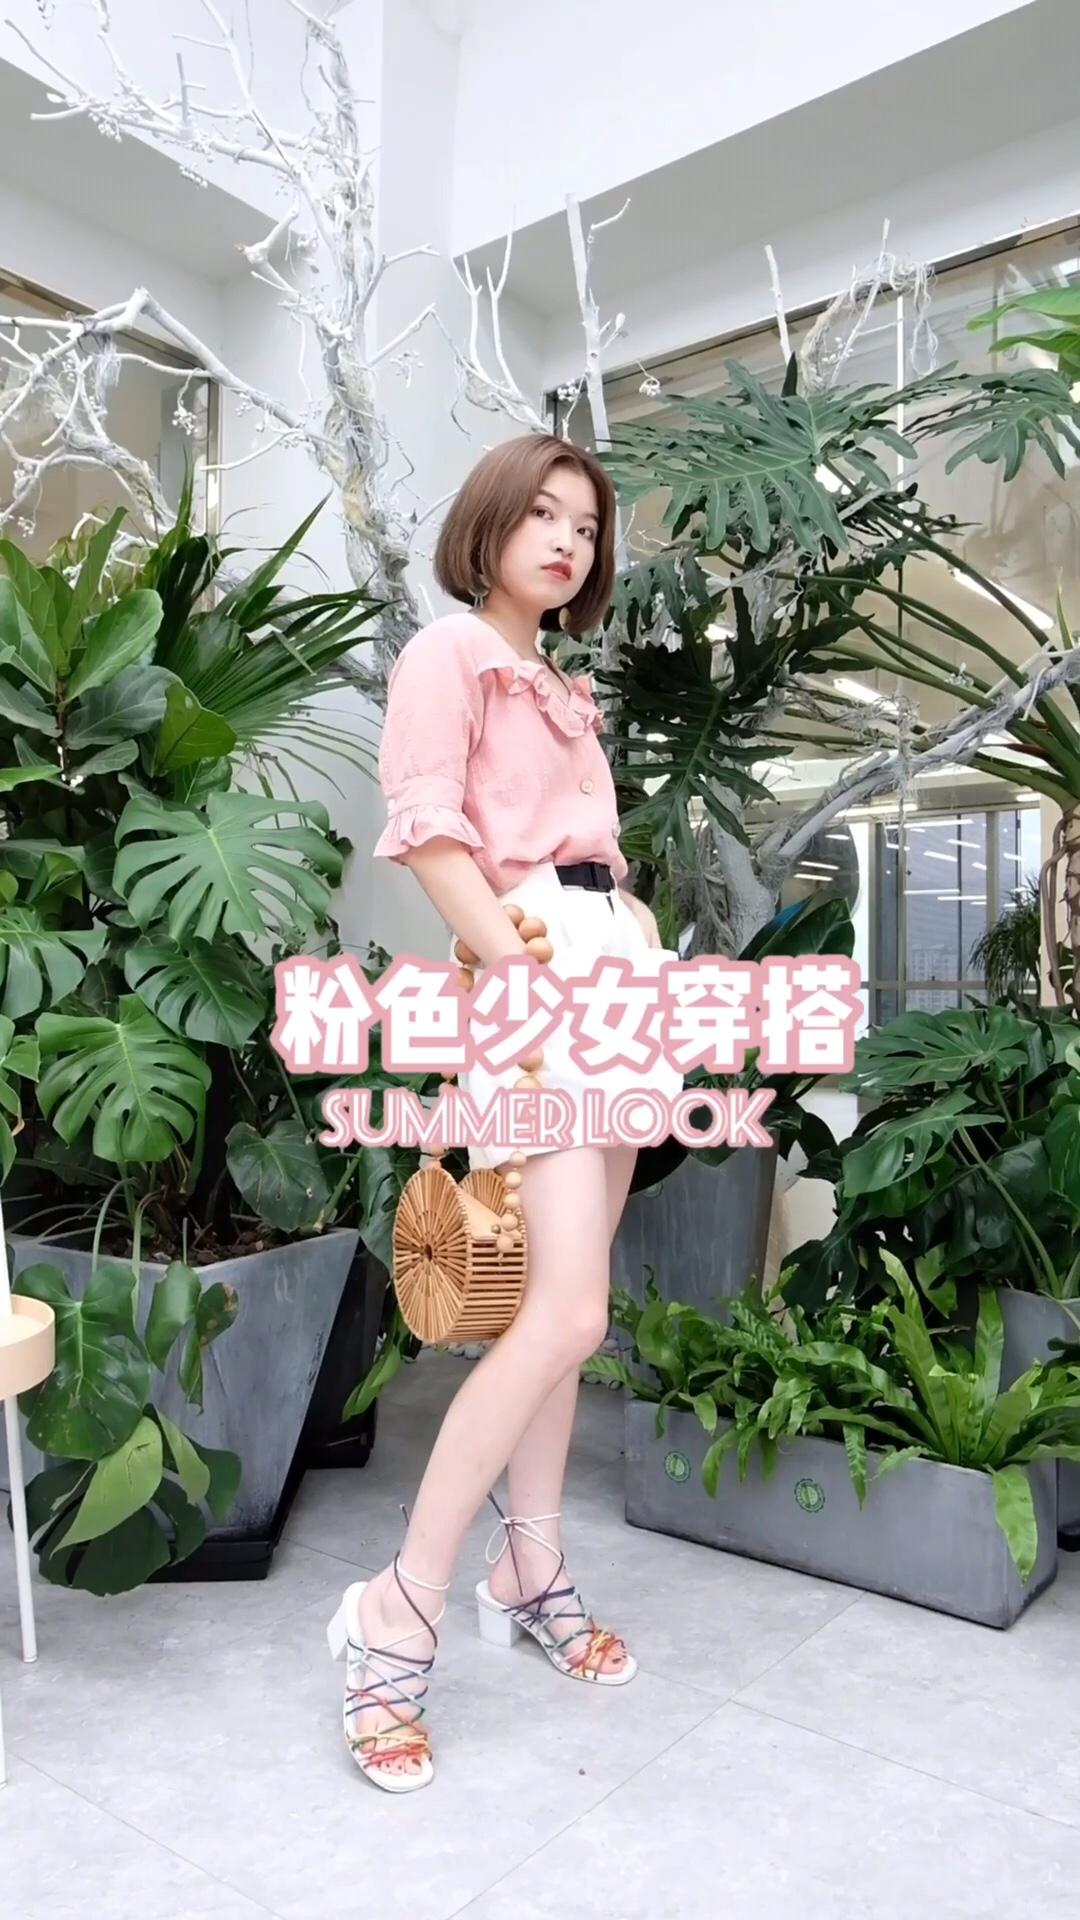 #蘑菇街新品测评# 粉色和白色真的是少女的颜色 也是容易冒粉红泡泡的颜色哦~ 荷叶边设计独特 面料舒服的质感 上衣纽扣细节满分💯 白色短裤舒适显腿长